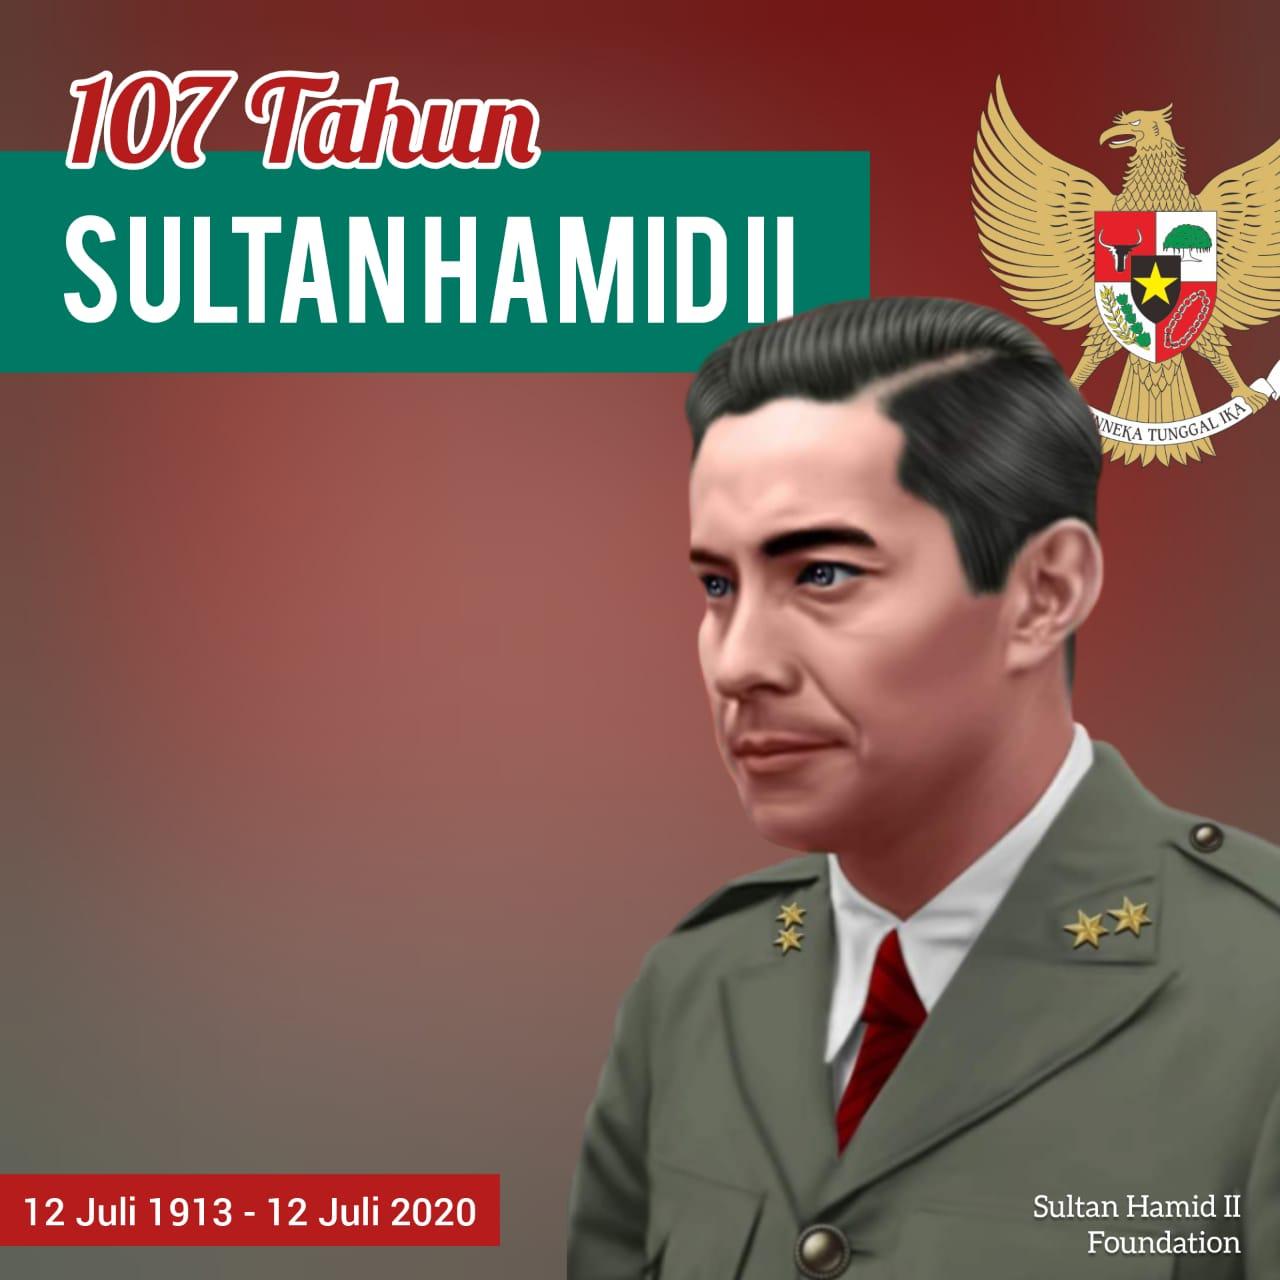 107 Sultan Hamid II